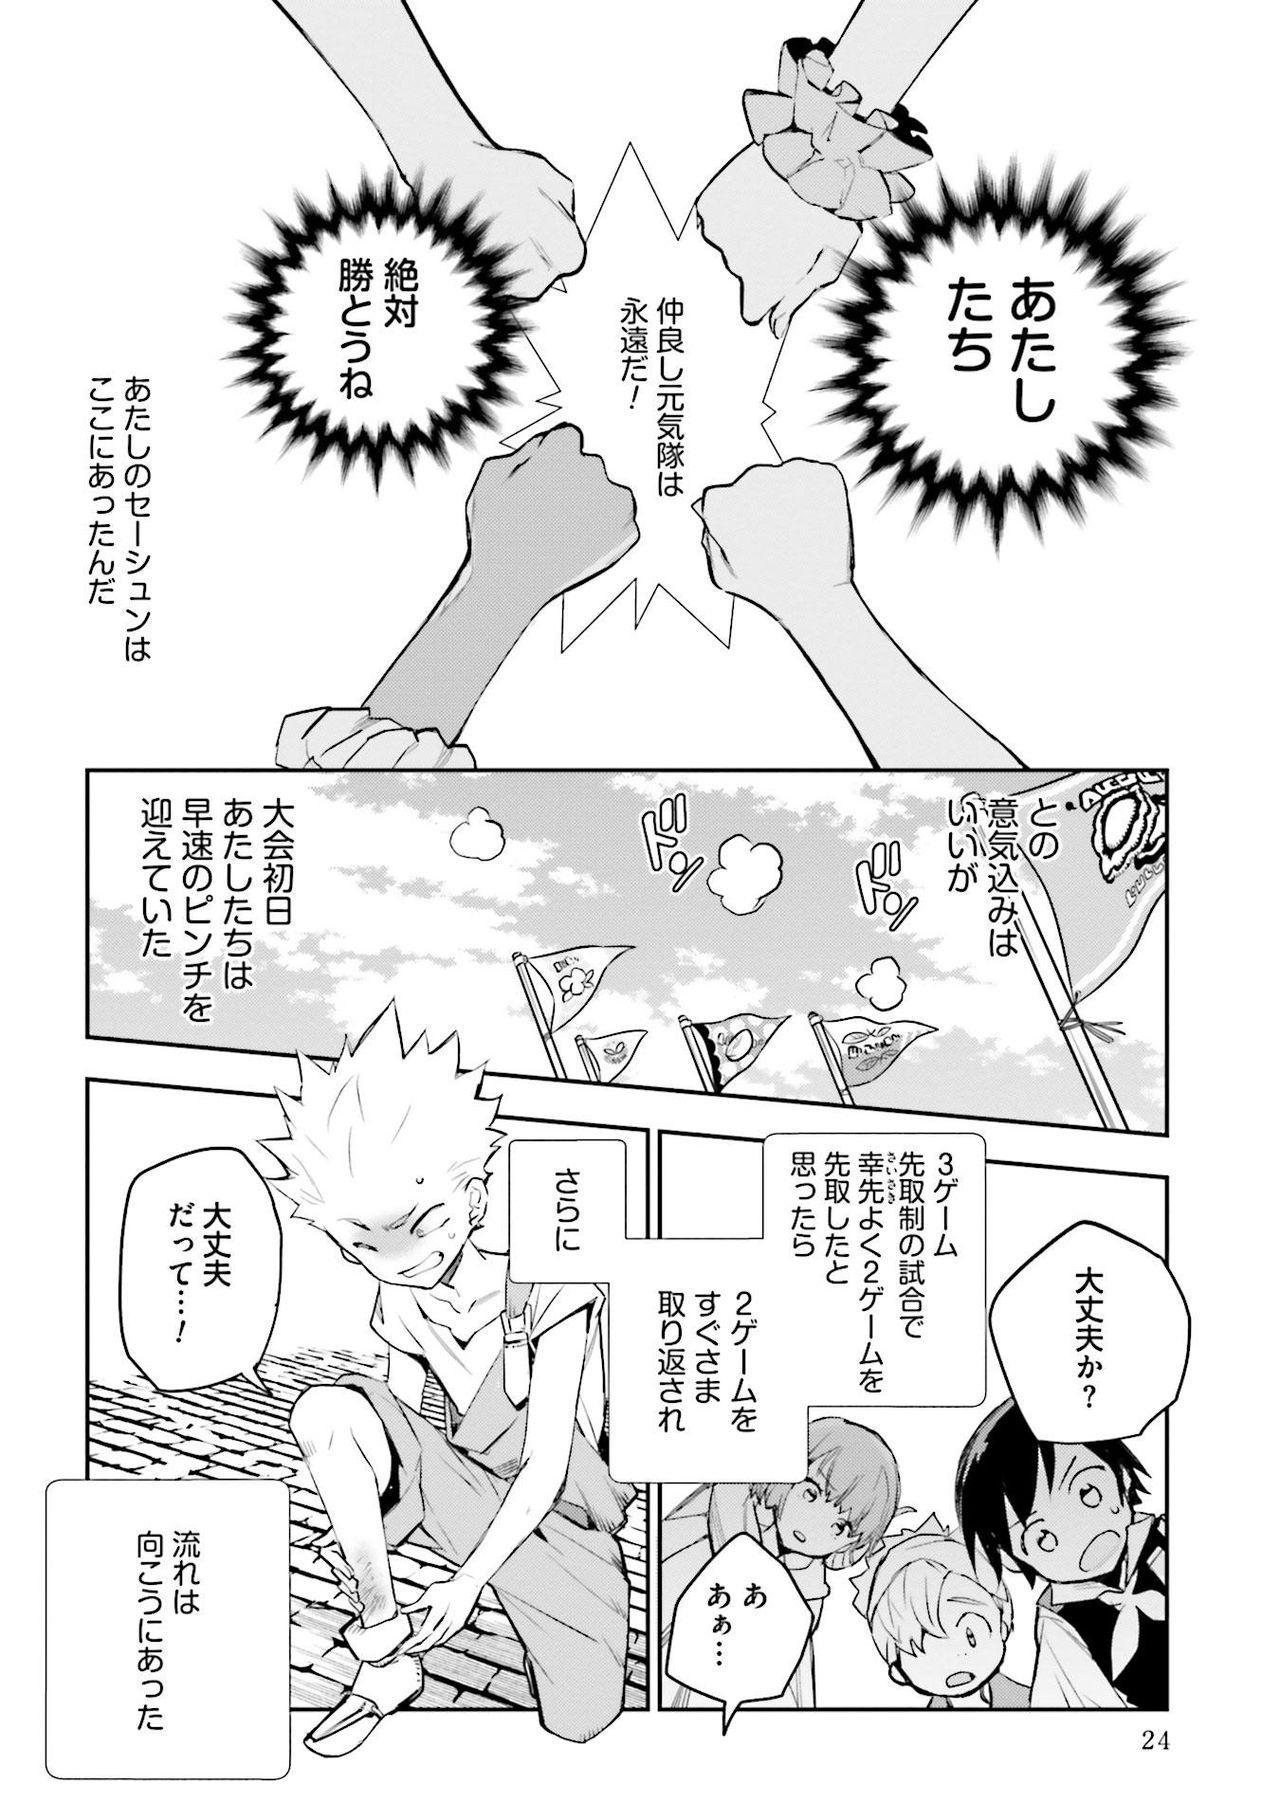 JK Haru wa Isekai de Shoufu ni Natta 1-14 383